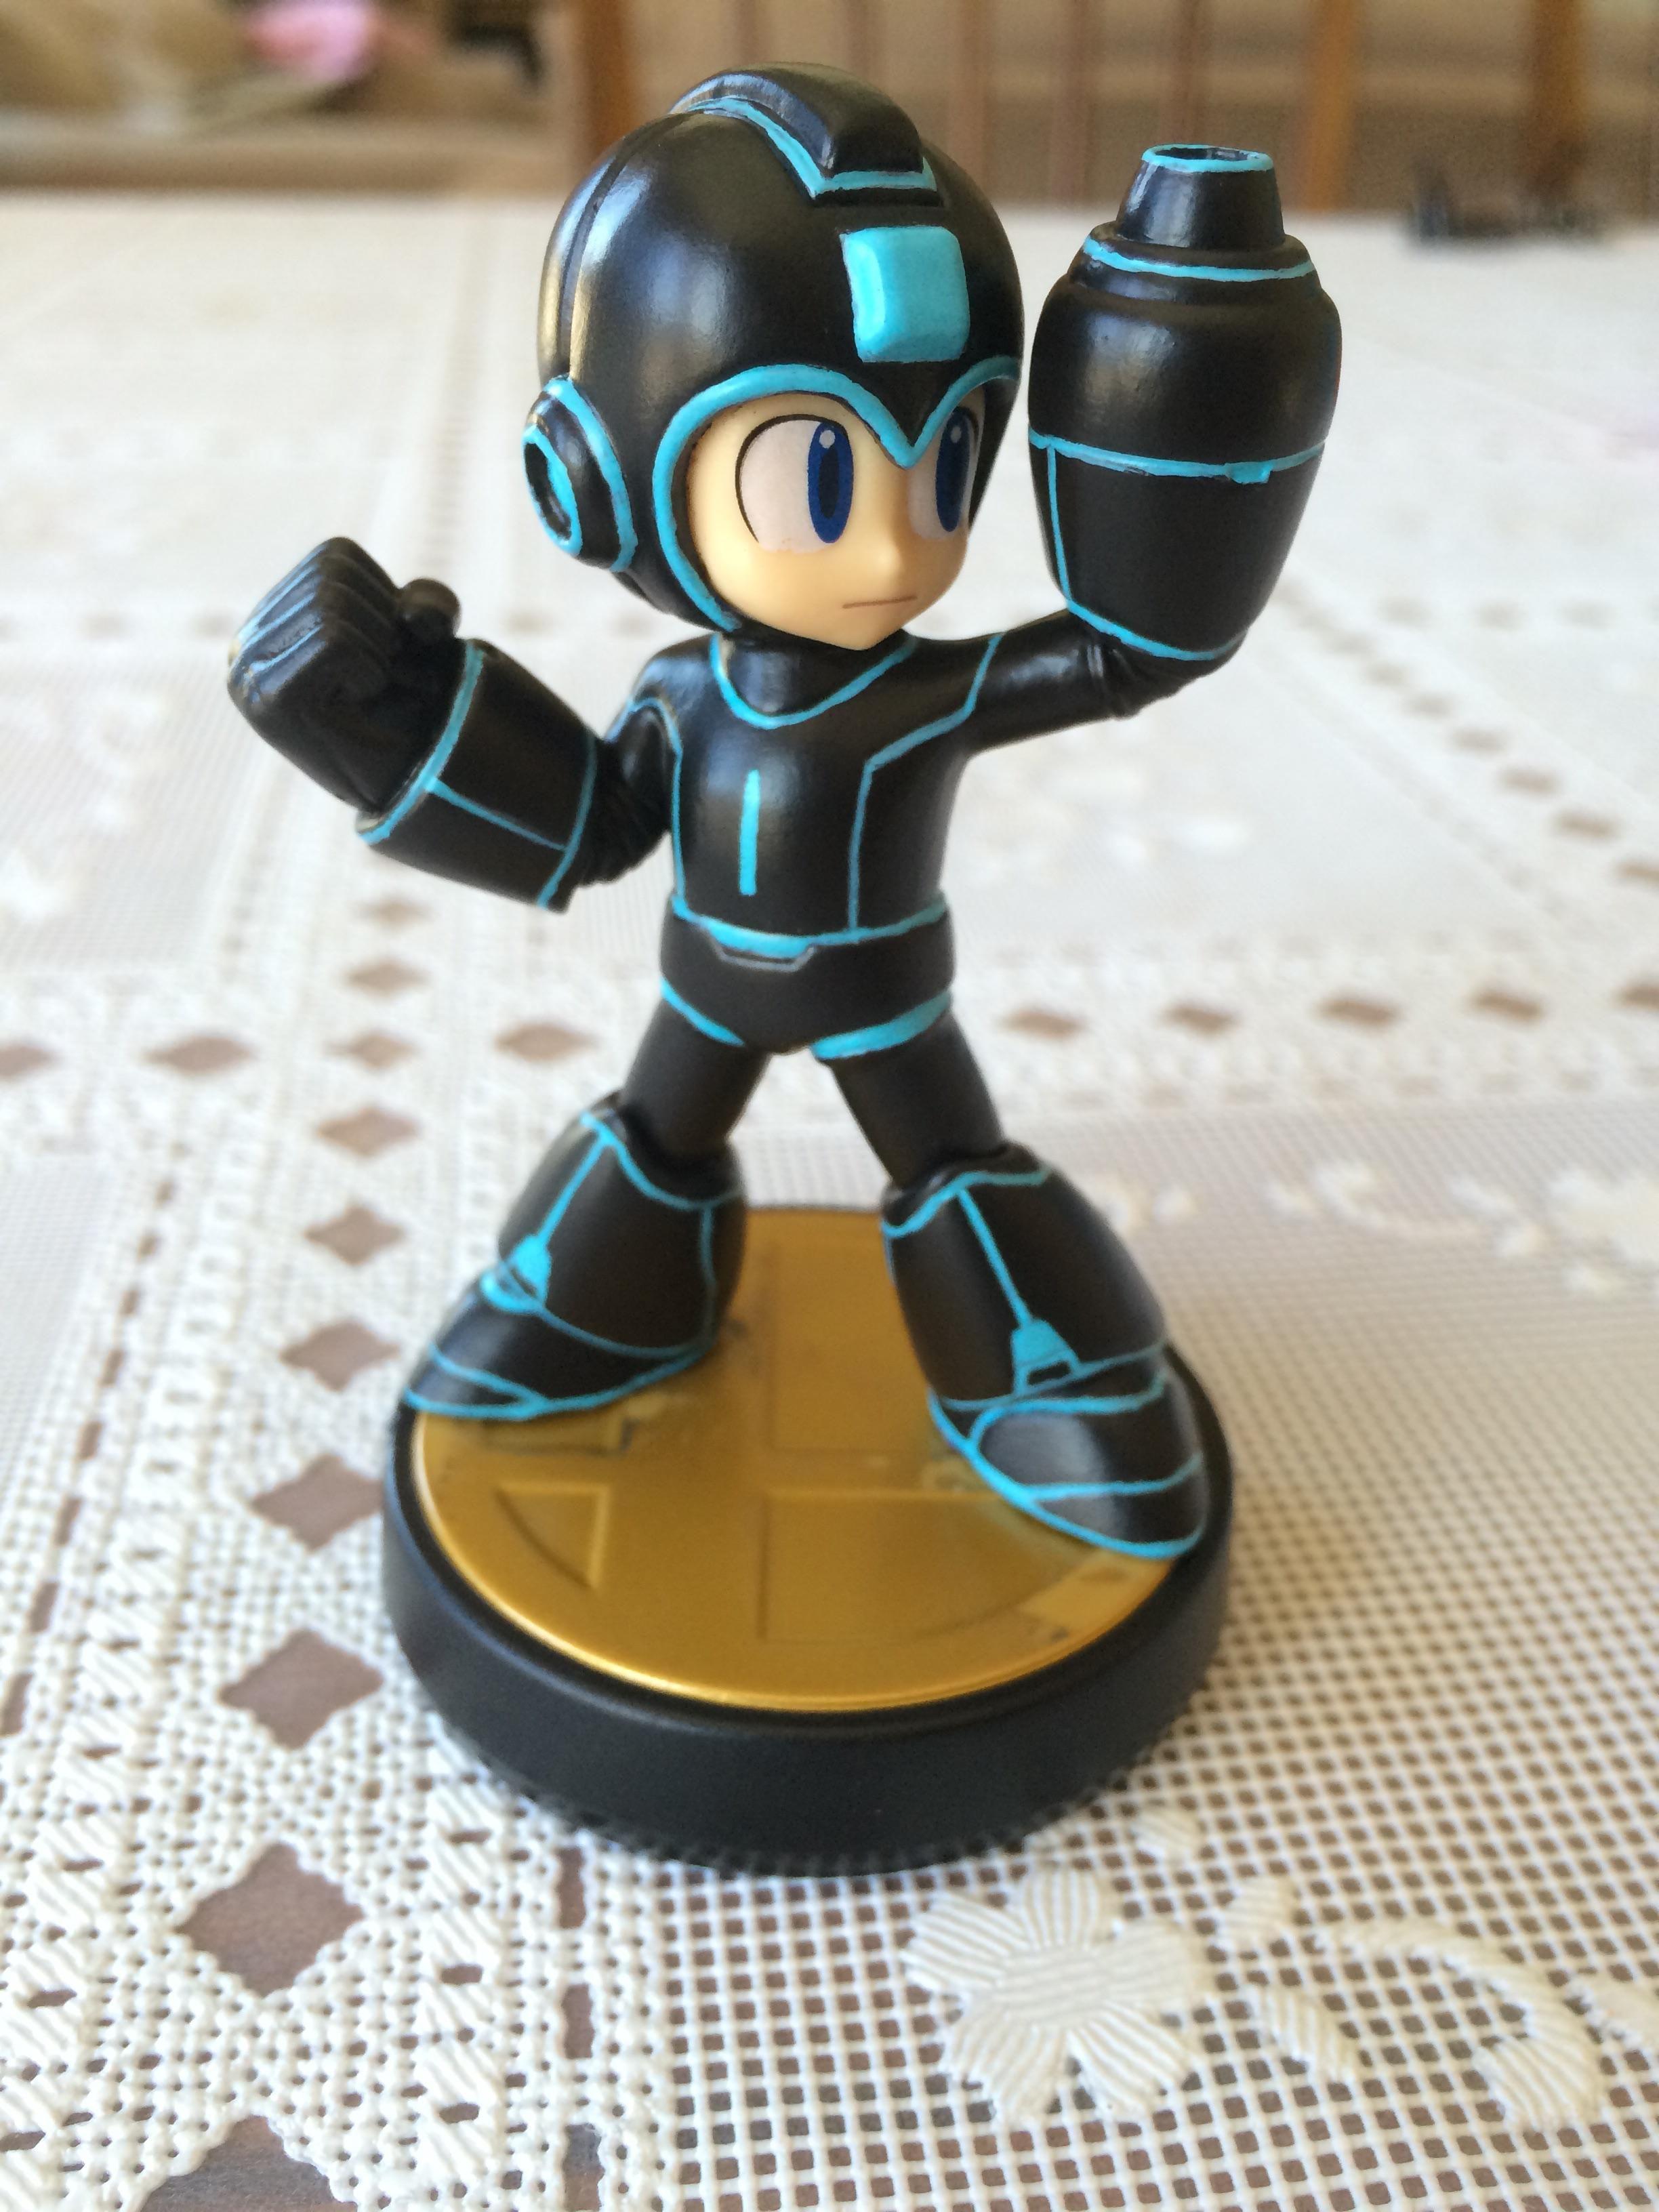 Custom Tron/Mega Man amiibo | Awesome amiibo customs | Mega